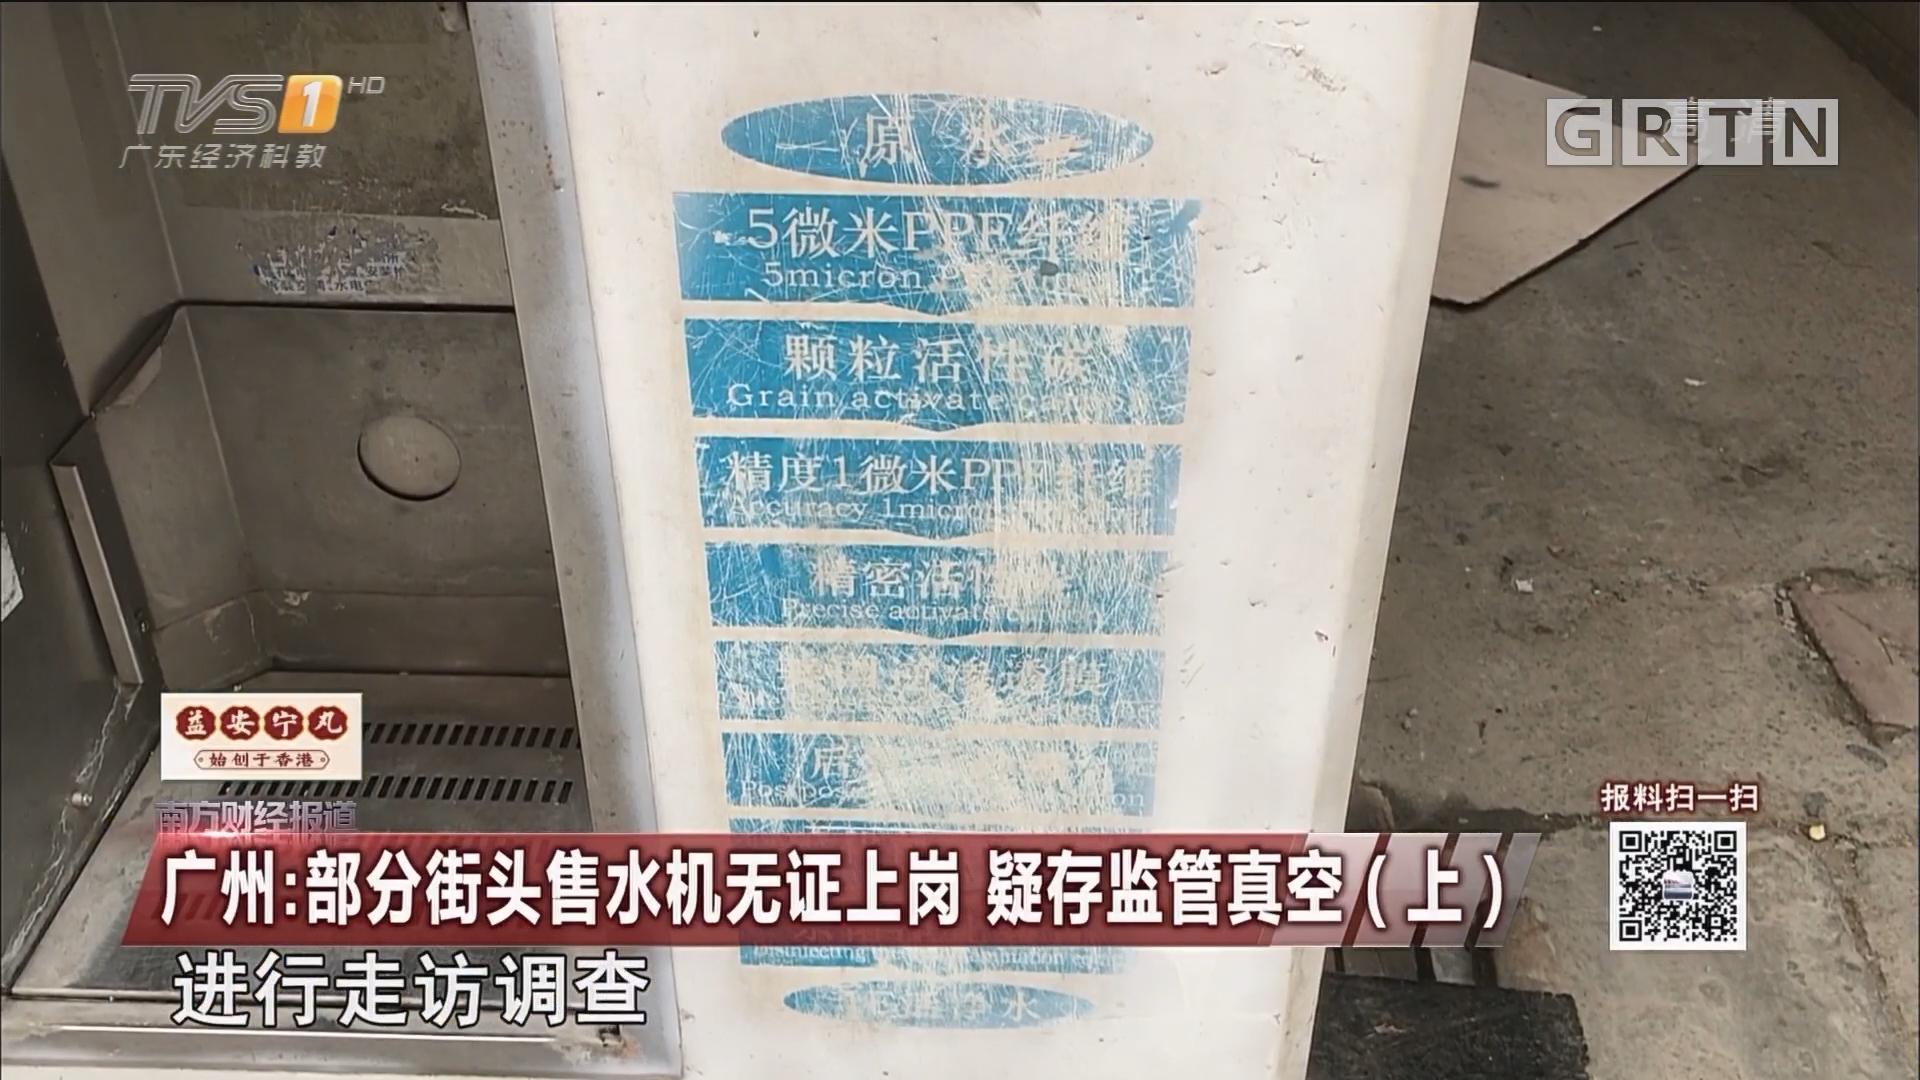 广州:部分街头售水机无证上岗 疑存监管真空(上)